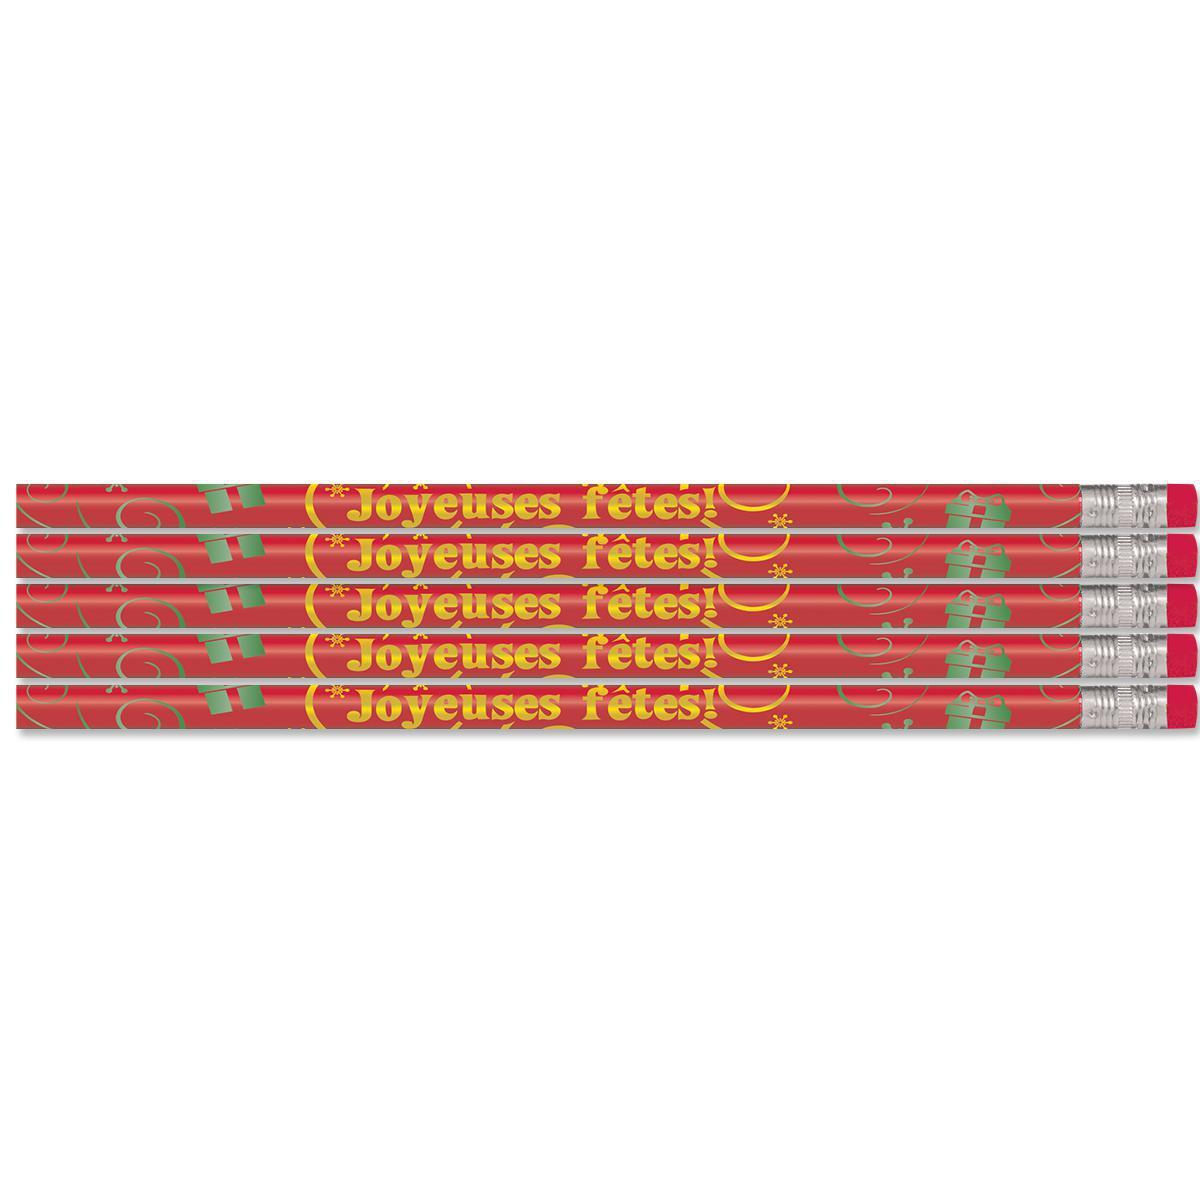 Crayons Joyeuses fêtes!